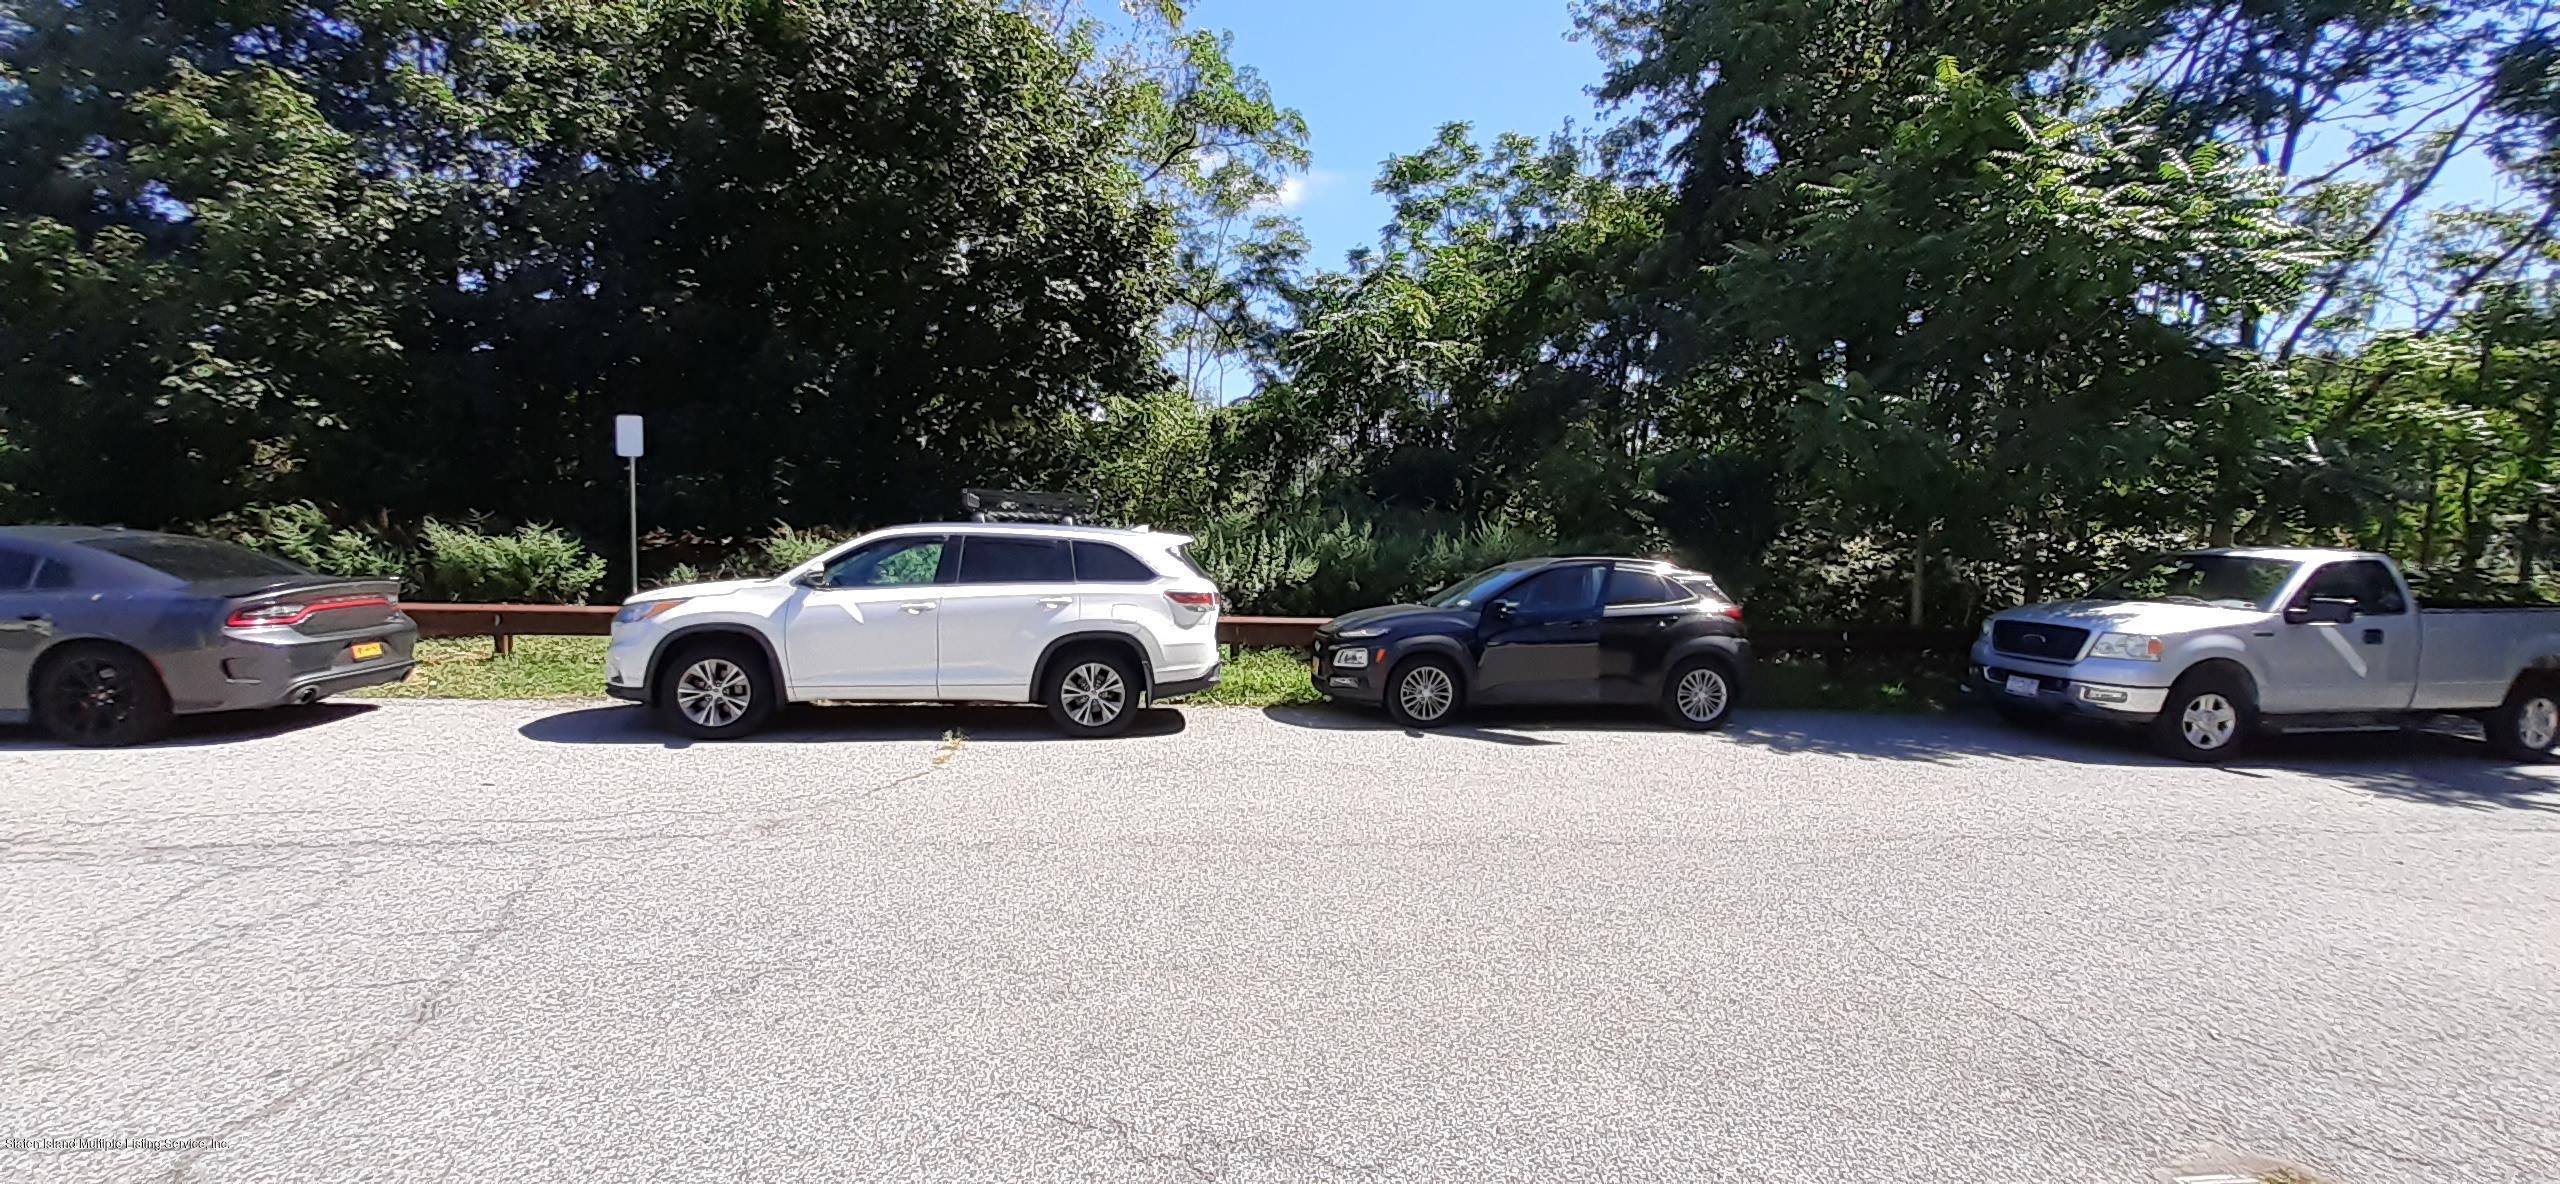 Single Family - Semi-Attached 523 Mason Avenue  Staten Island, NY 10305, MLS-1140258-23